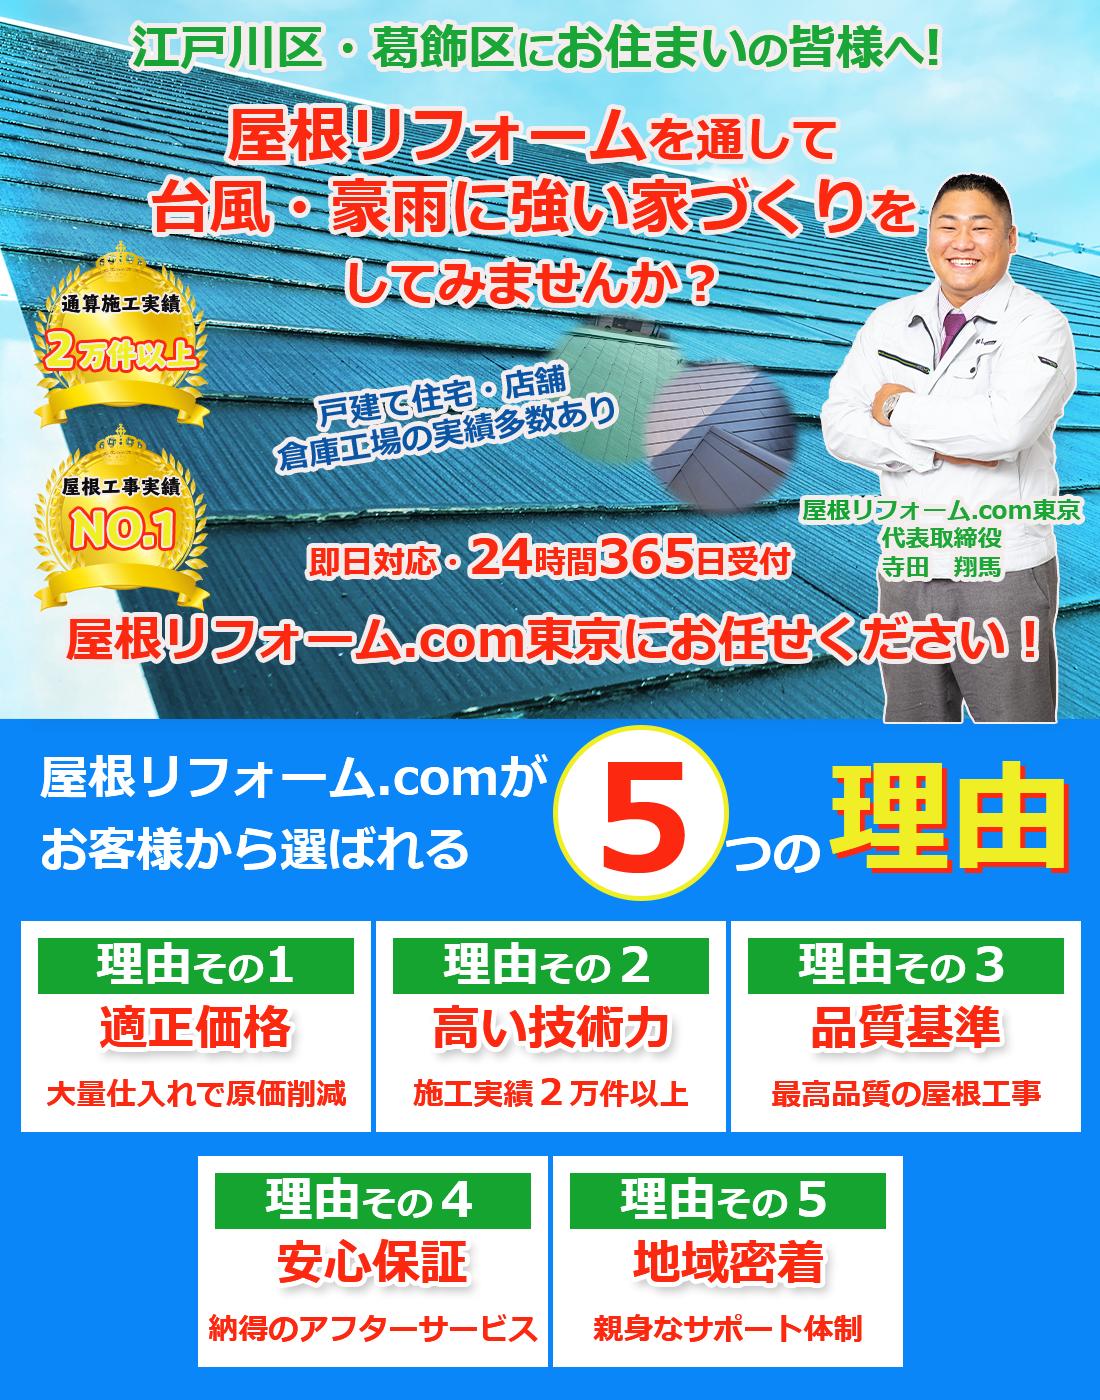 屋根リフォーム.com東京が工事実績圧倒的No.1になれた理由